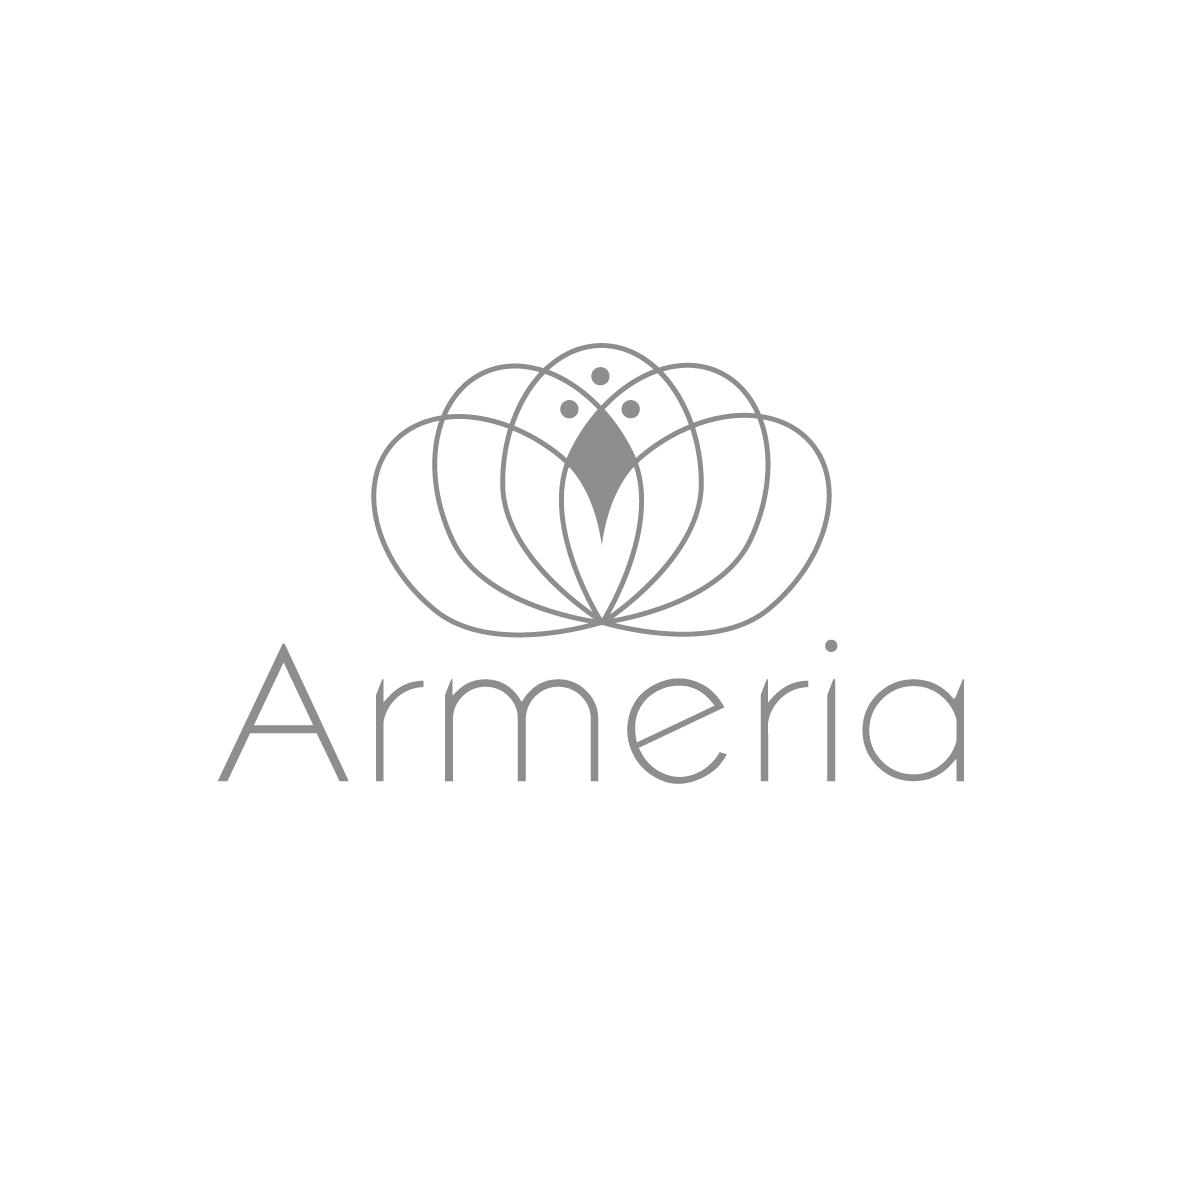 Logo Armeria-01